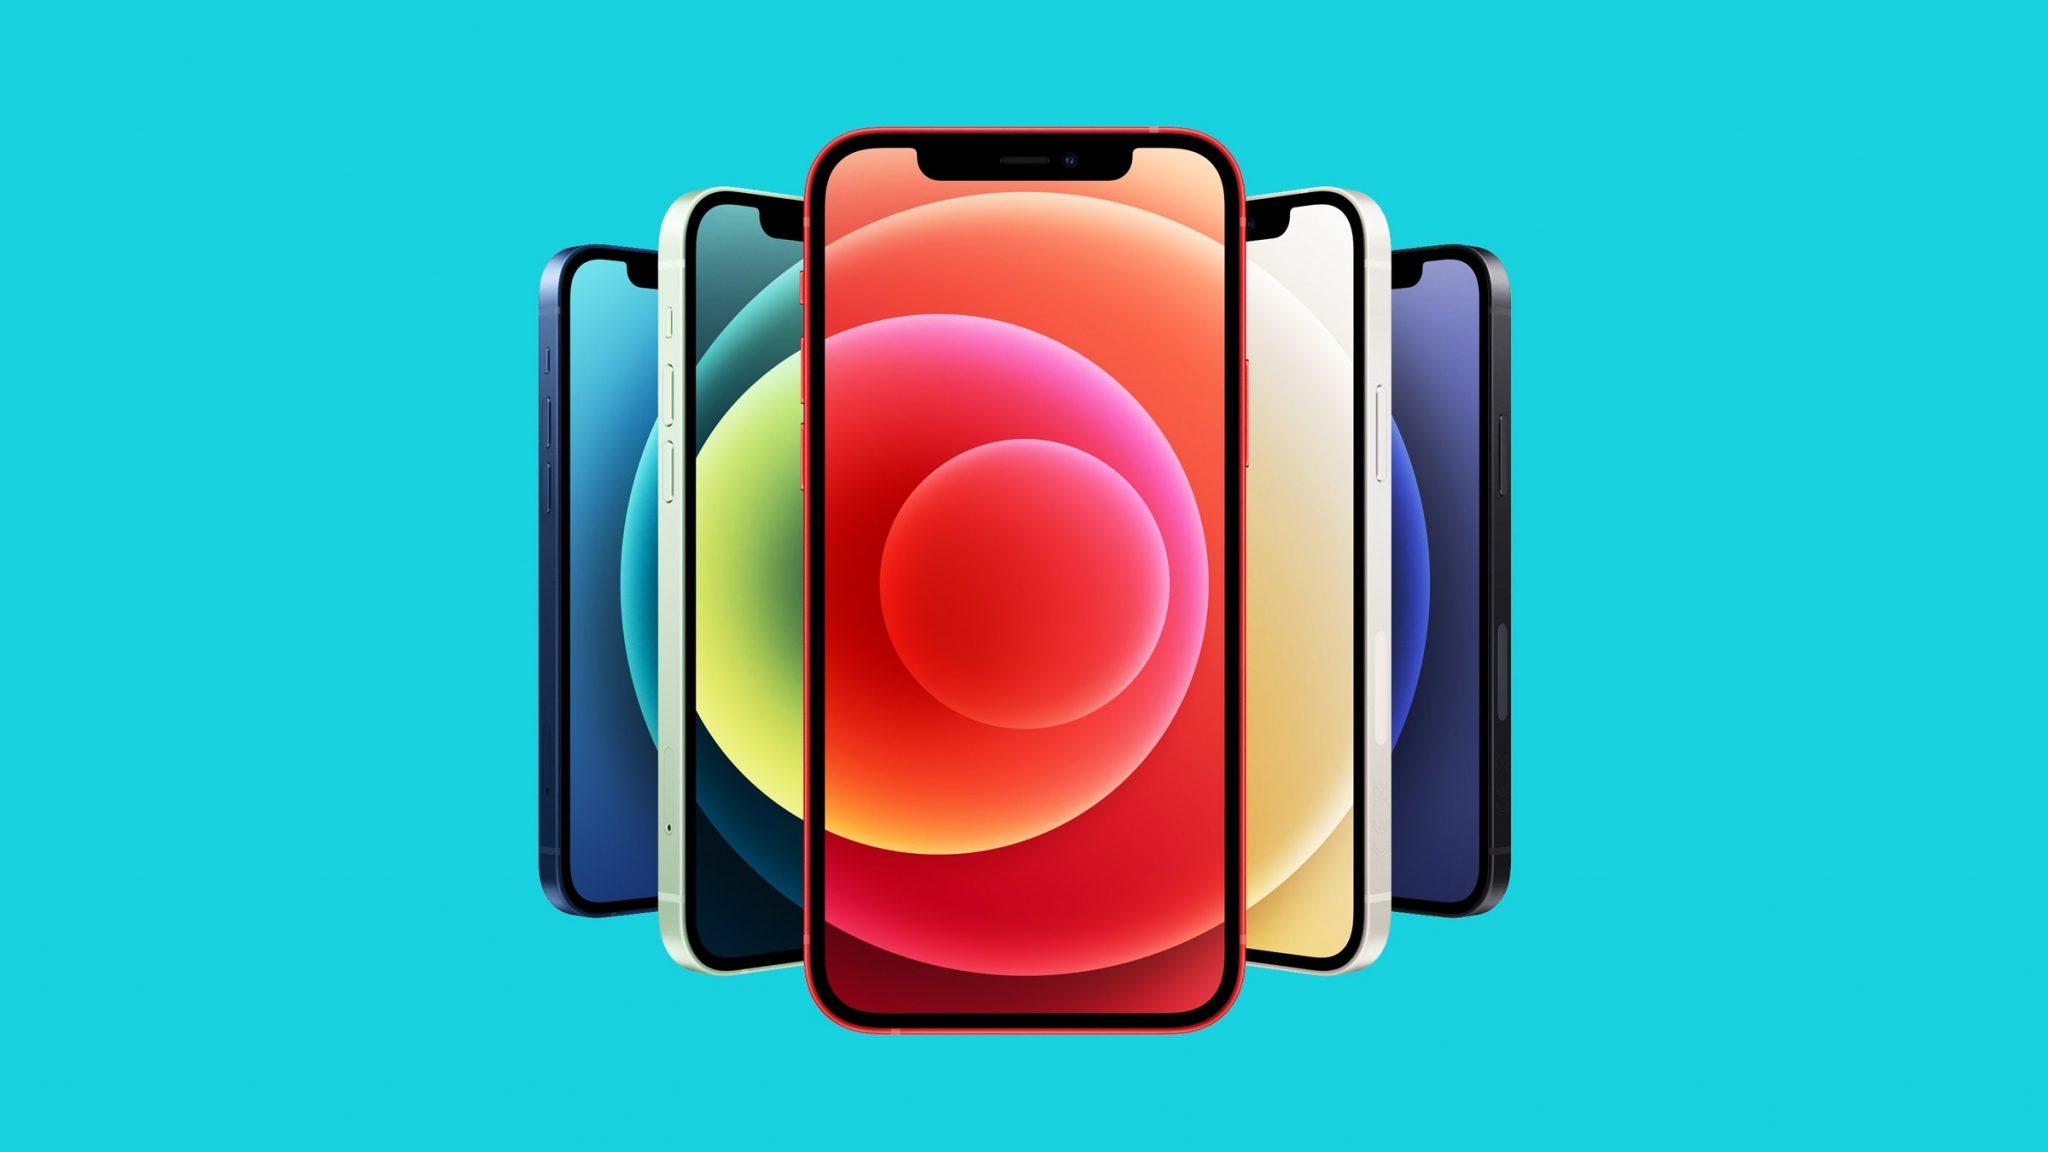 Preço do iphone 12 no brasil é anunciado, confira. Preço do iphone 12 no brasil variam entre 7 mil e 10 mil reais